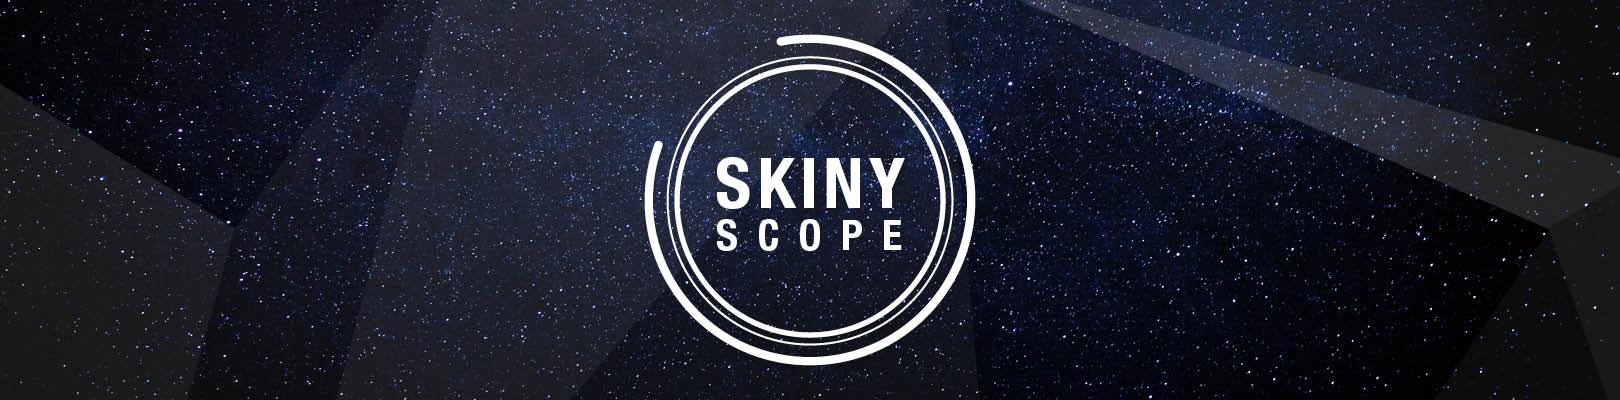 Skinyscope